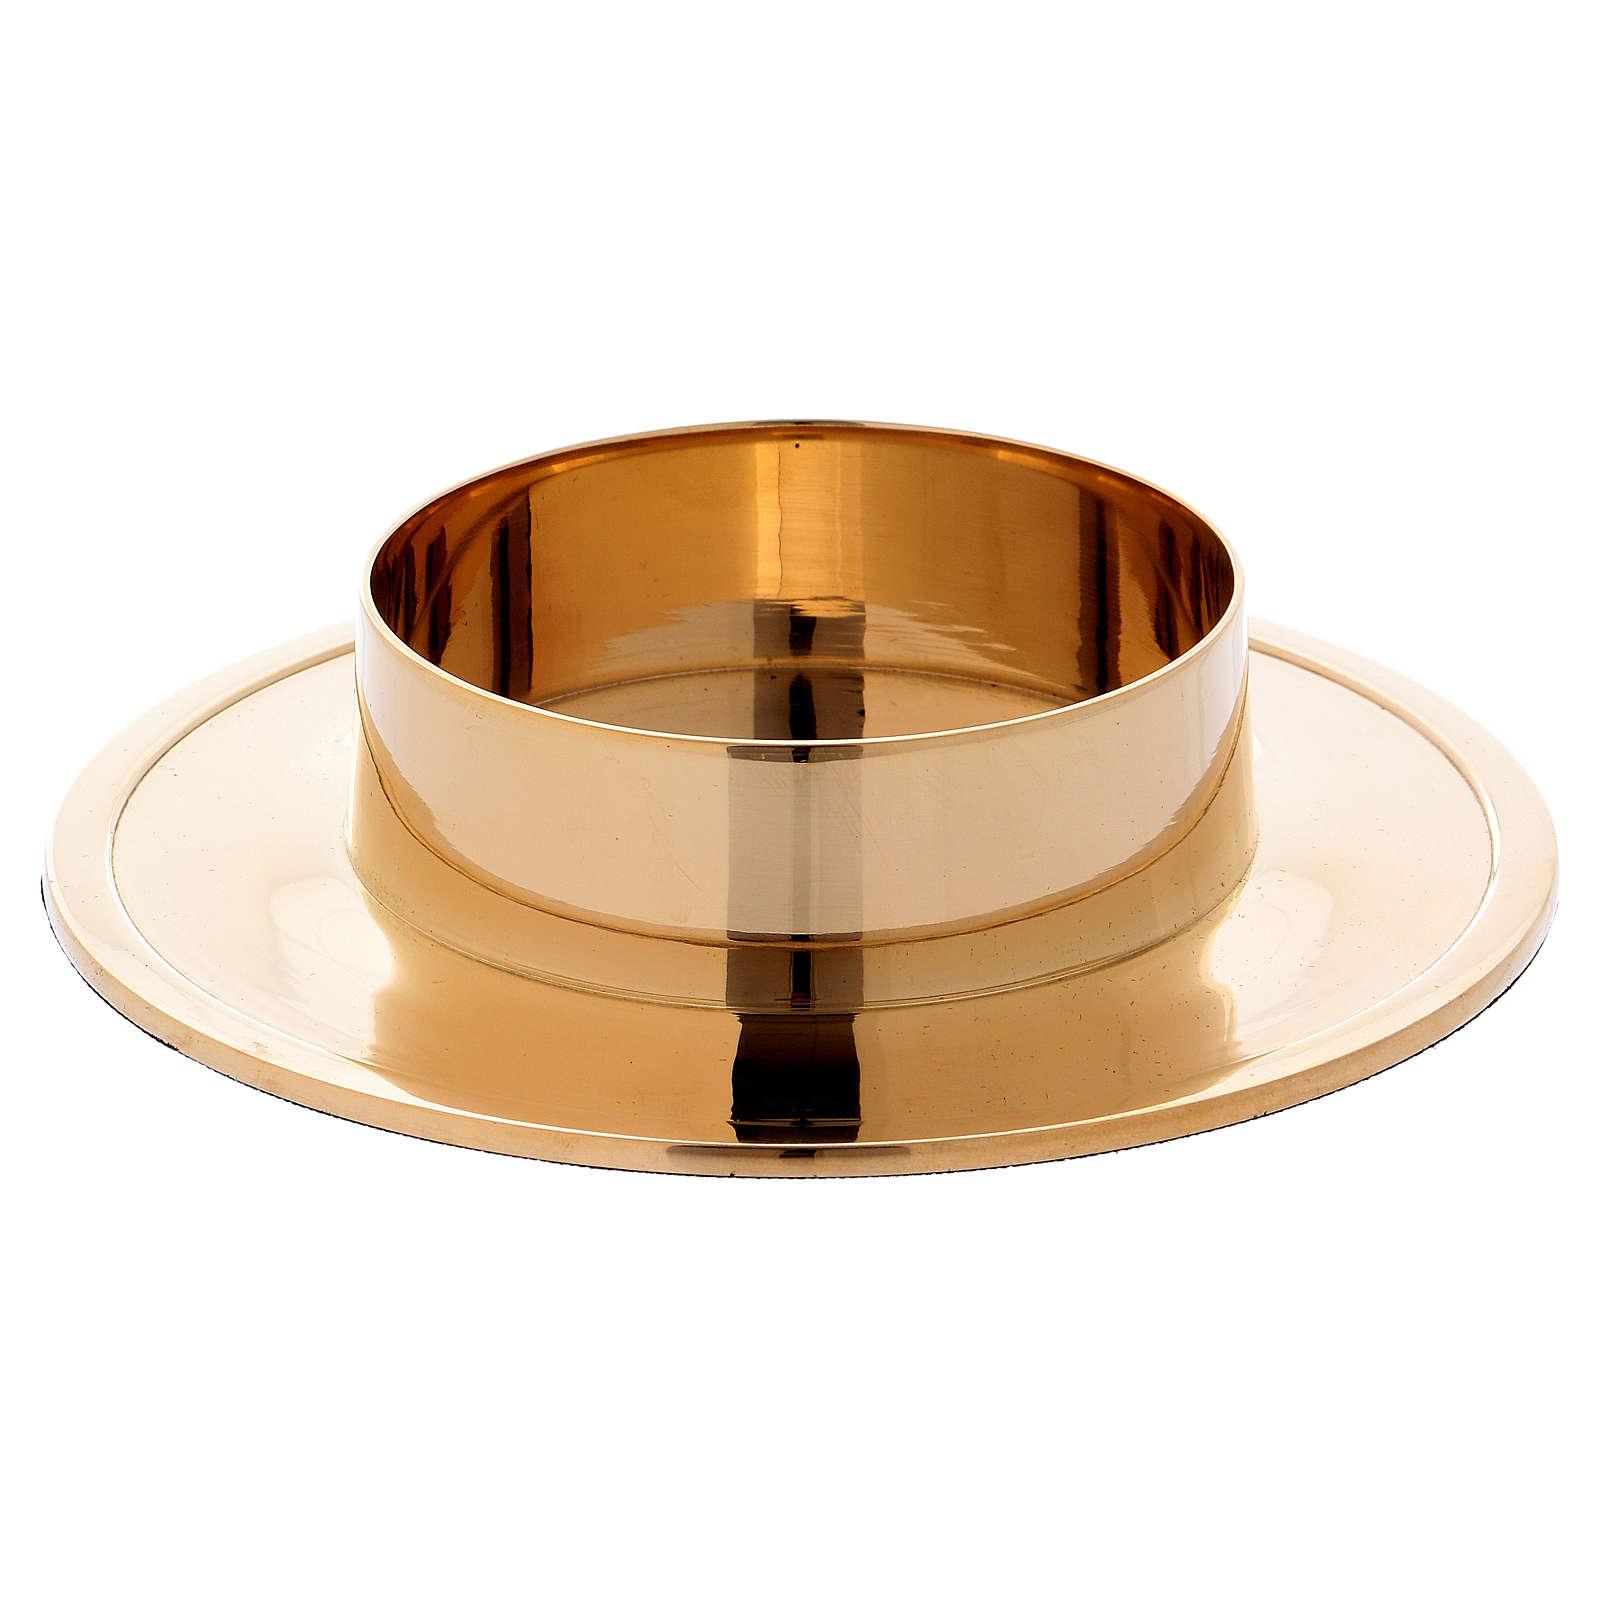 Portacero semplice ottone dorato diam 8 cm 4